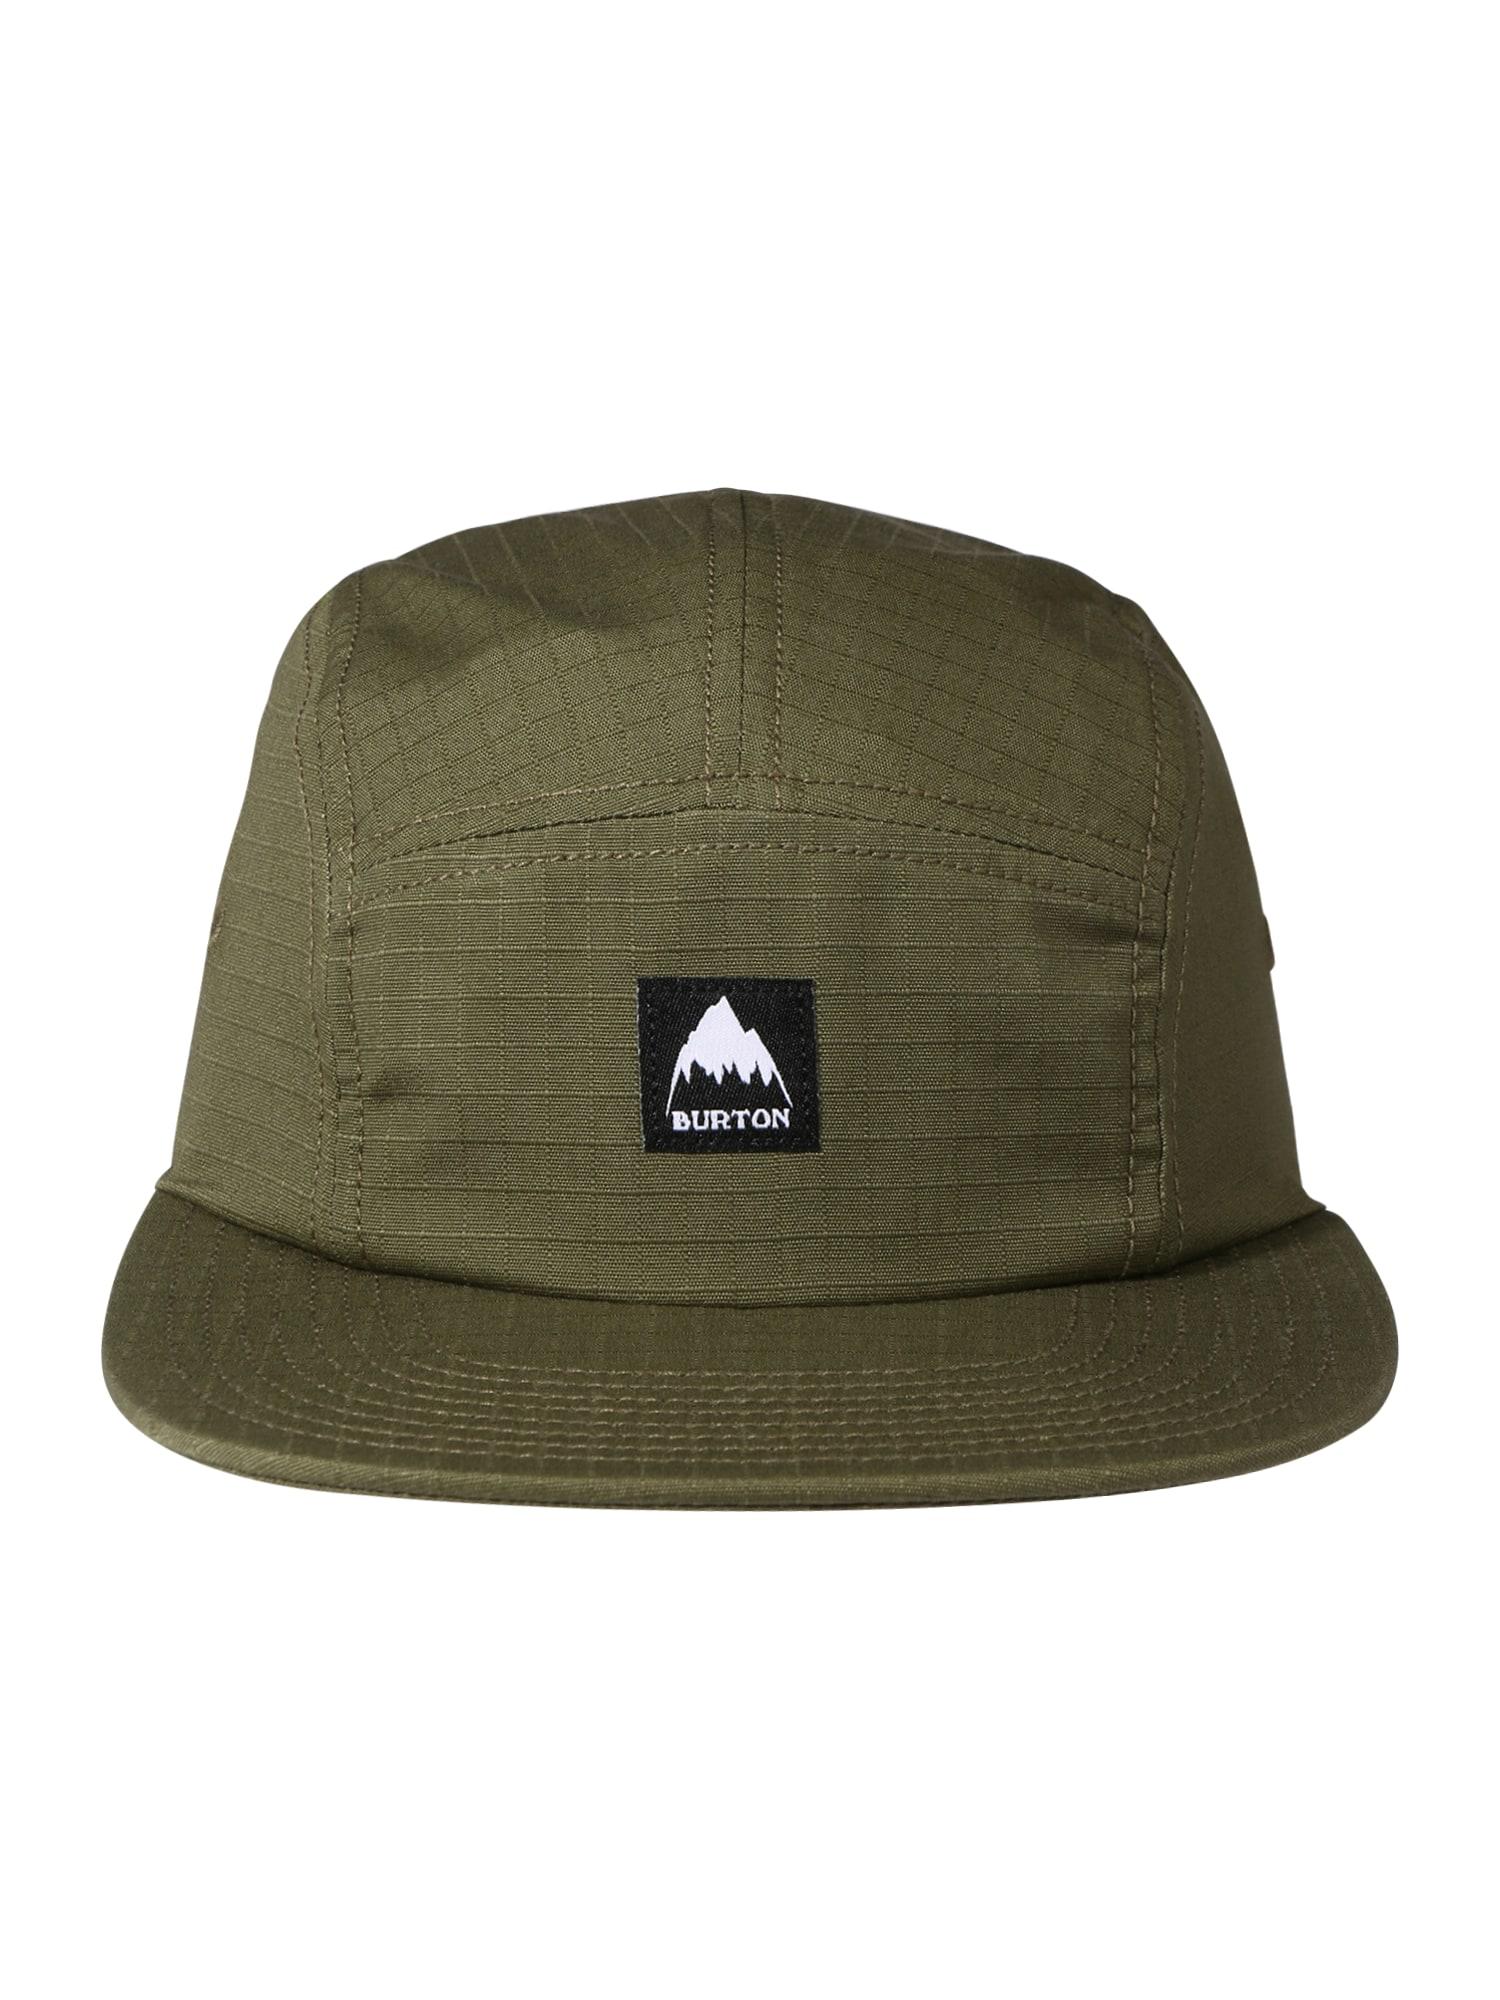 BURTON Sportinė kepurė žalia / juoda / balta